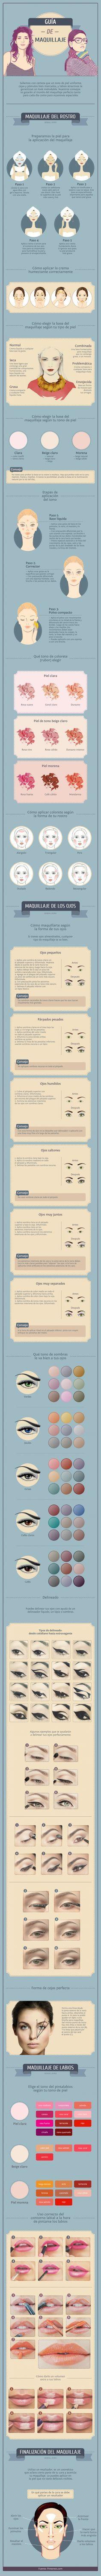 Todo lo que necesitas para crear un look perfecto....Guía de maquillaje.